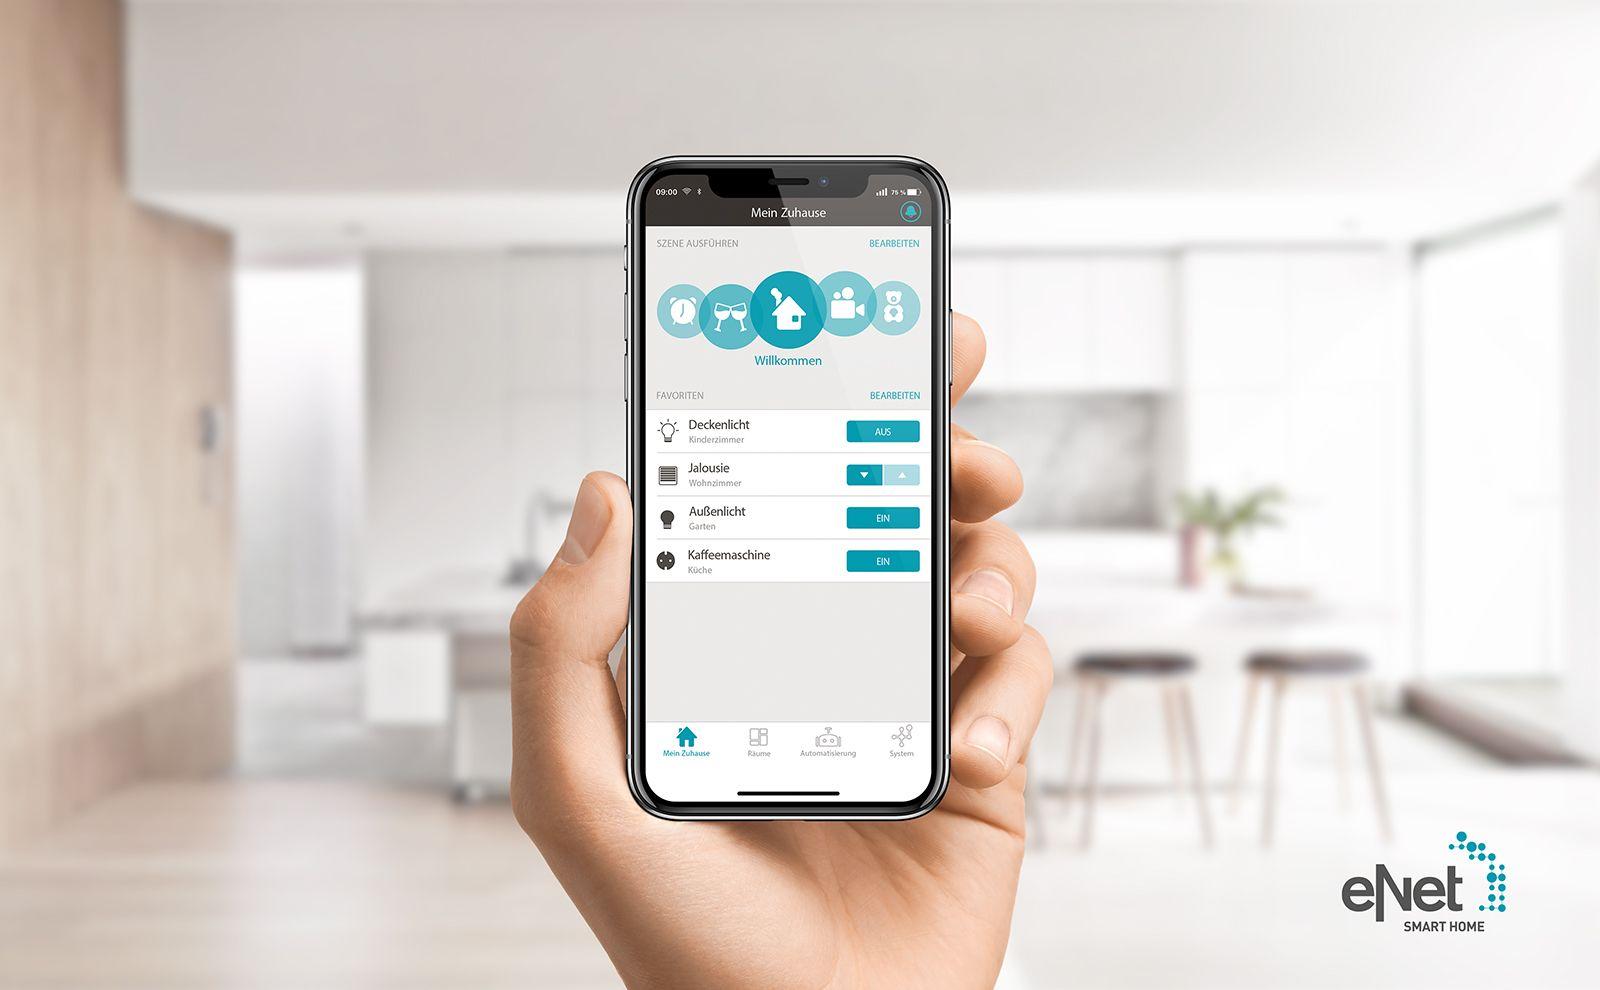 eNET SMART HOME App im Wohnzimmer